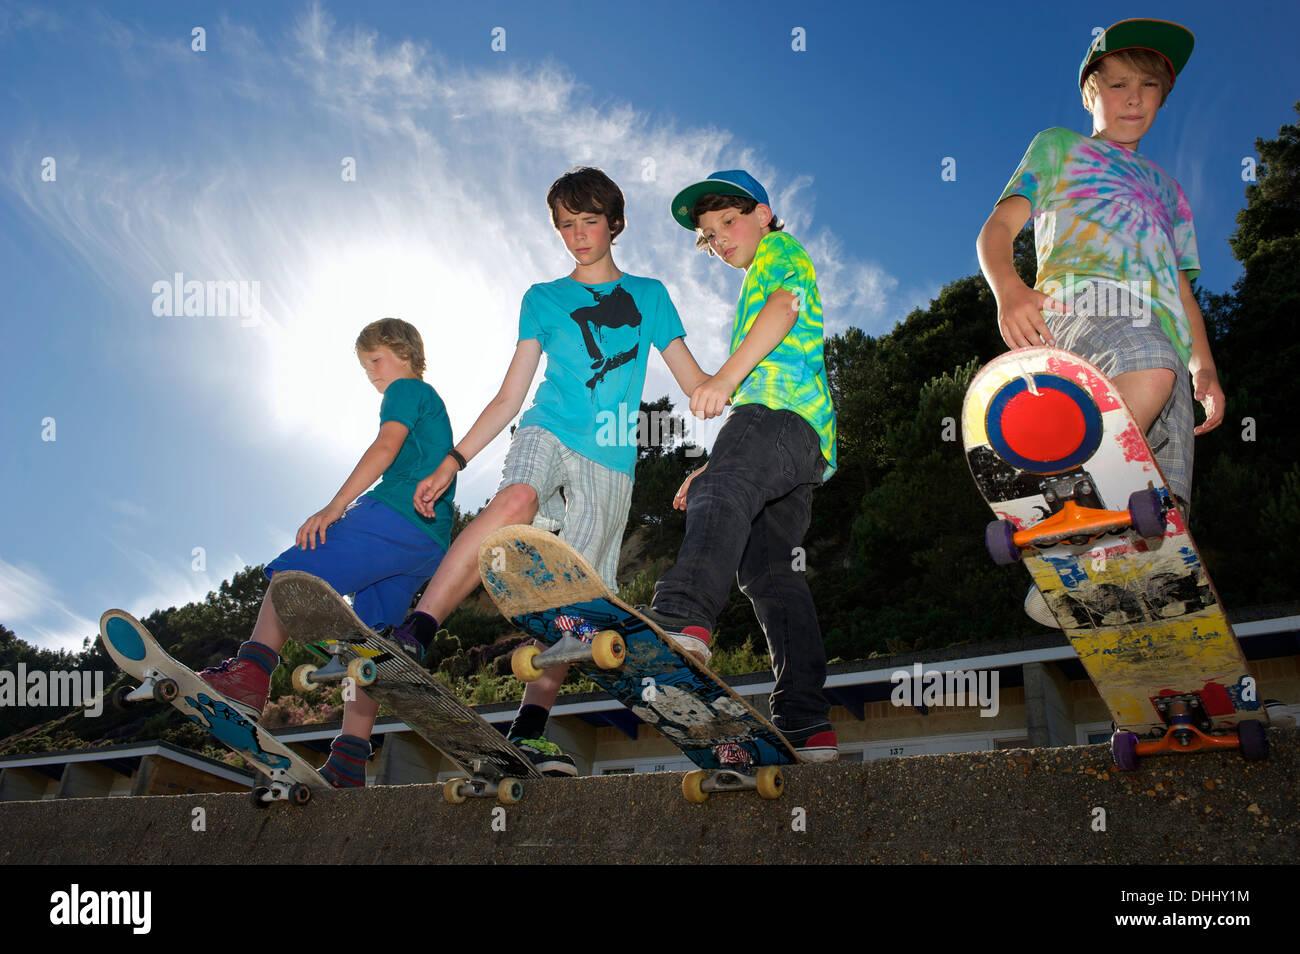 Porträt von vier jungen auf skateboards Stockbild